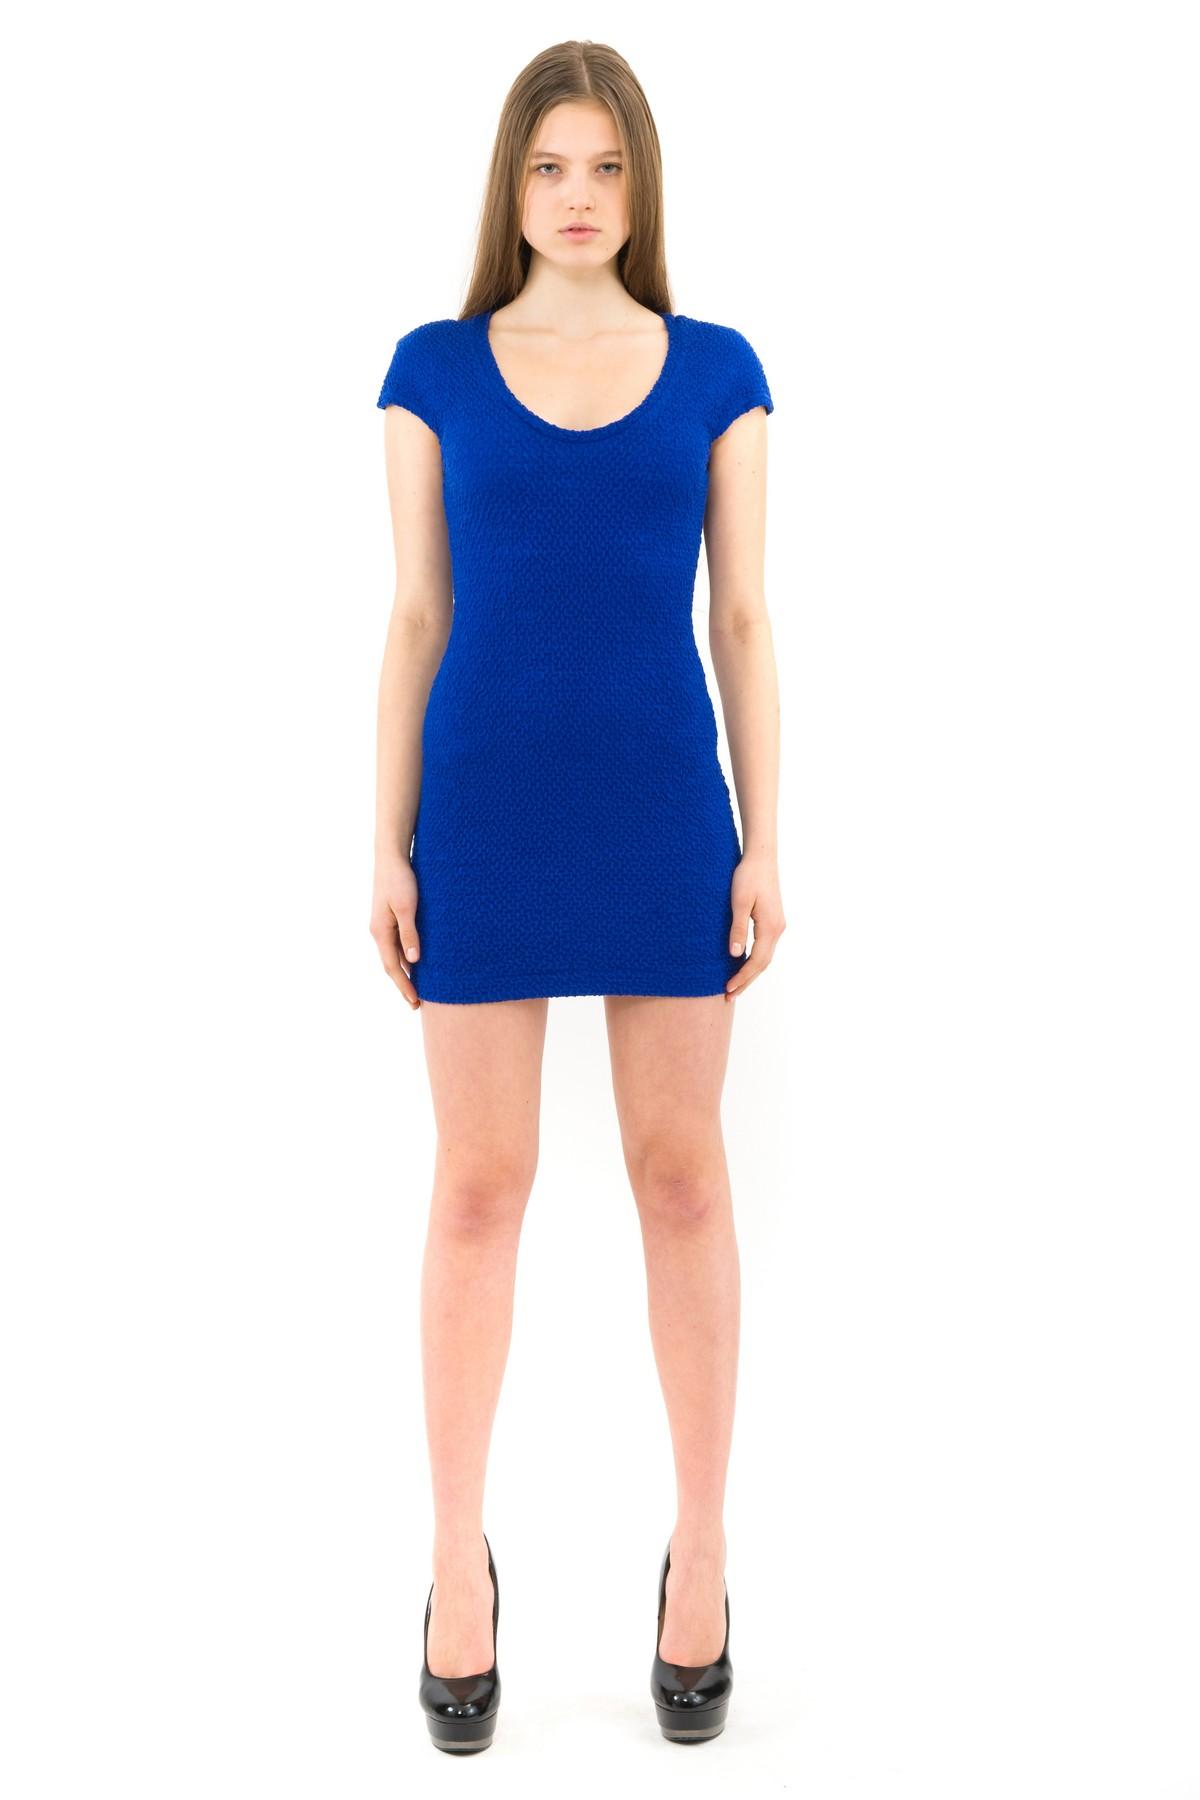 ПлатьеПлатья,  сарафаны<br>Великолепное трикотажное платье выгодно подчеркнет природную красоту и стройность Вашей фигуры.<br><br>Цвет: синий<br>Состав: 70% полиэстер, 24% вискоза, 6% эластан<br>Размер: 42,44,46<br>Страна дизайна: Россия<br>Страна производства: Россия